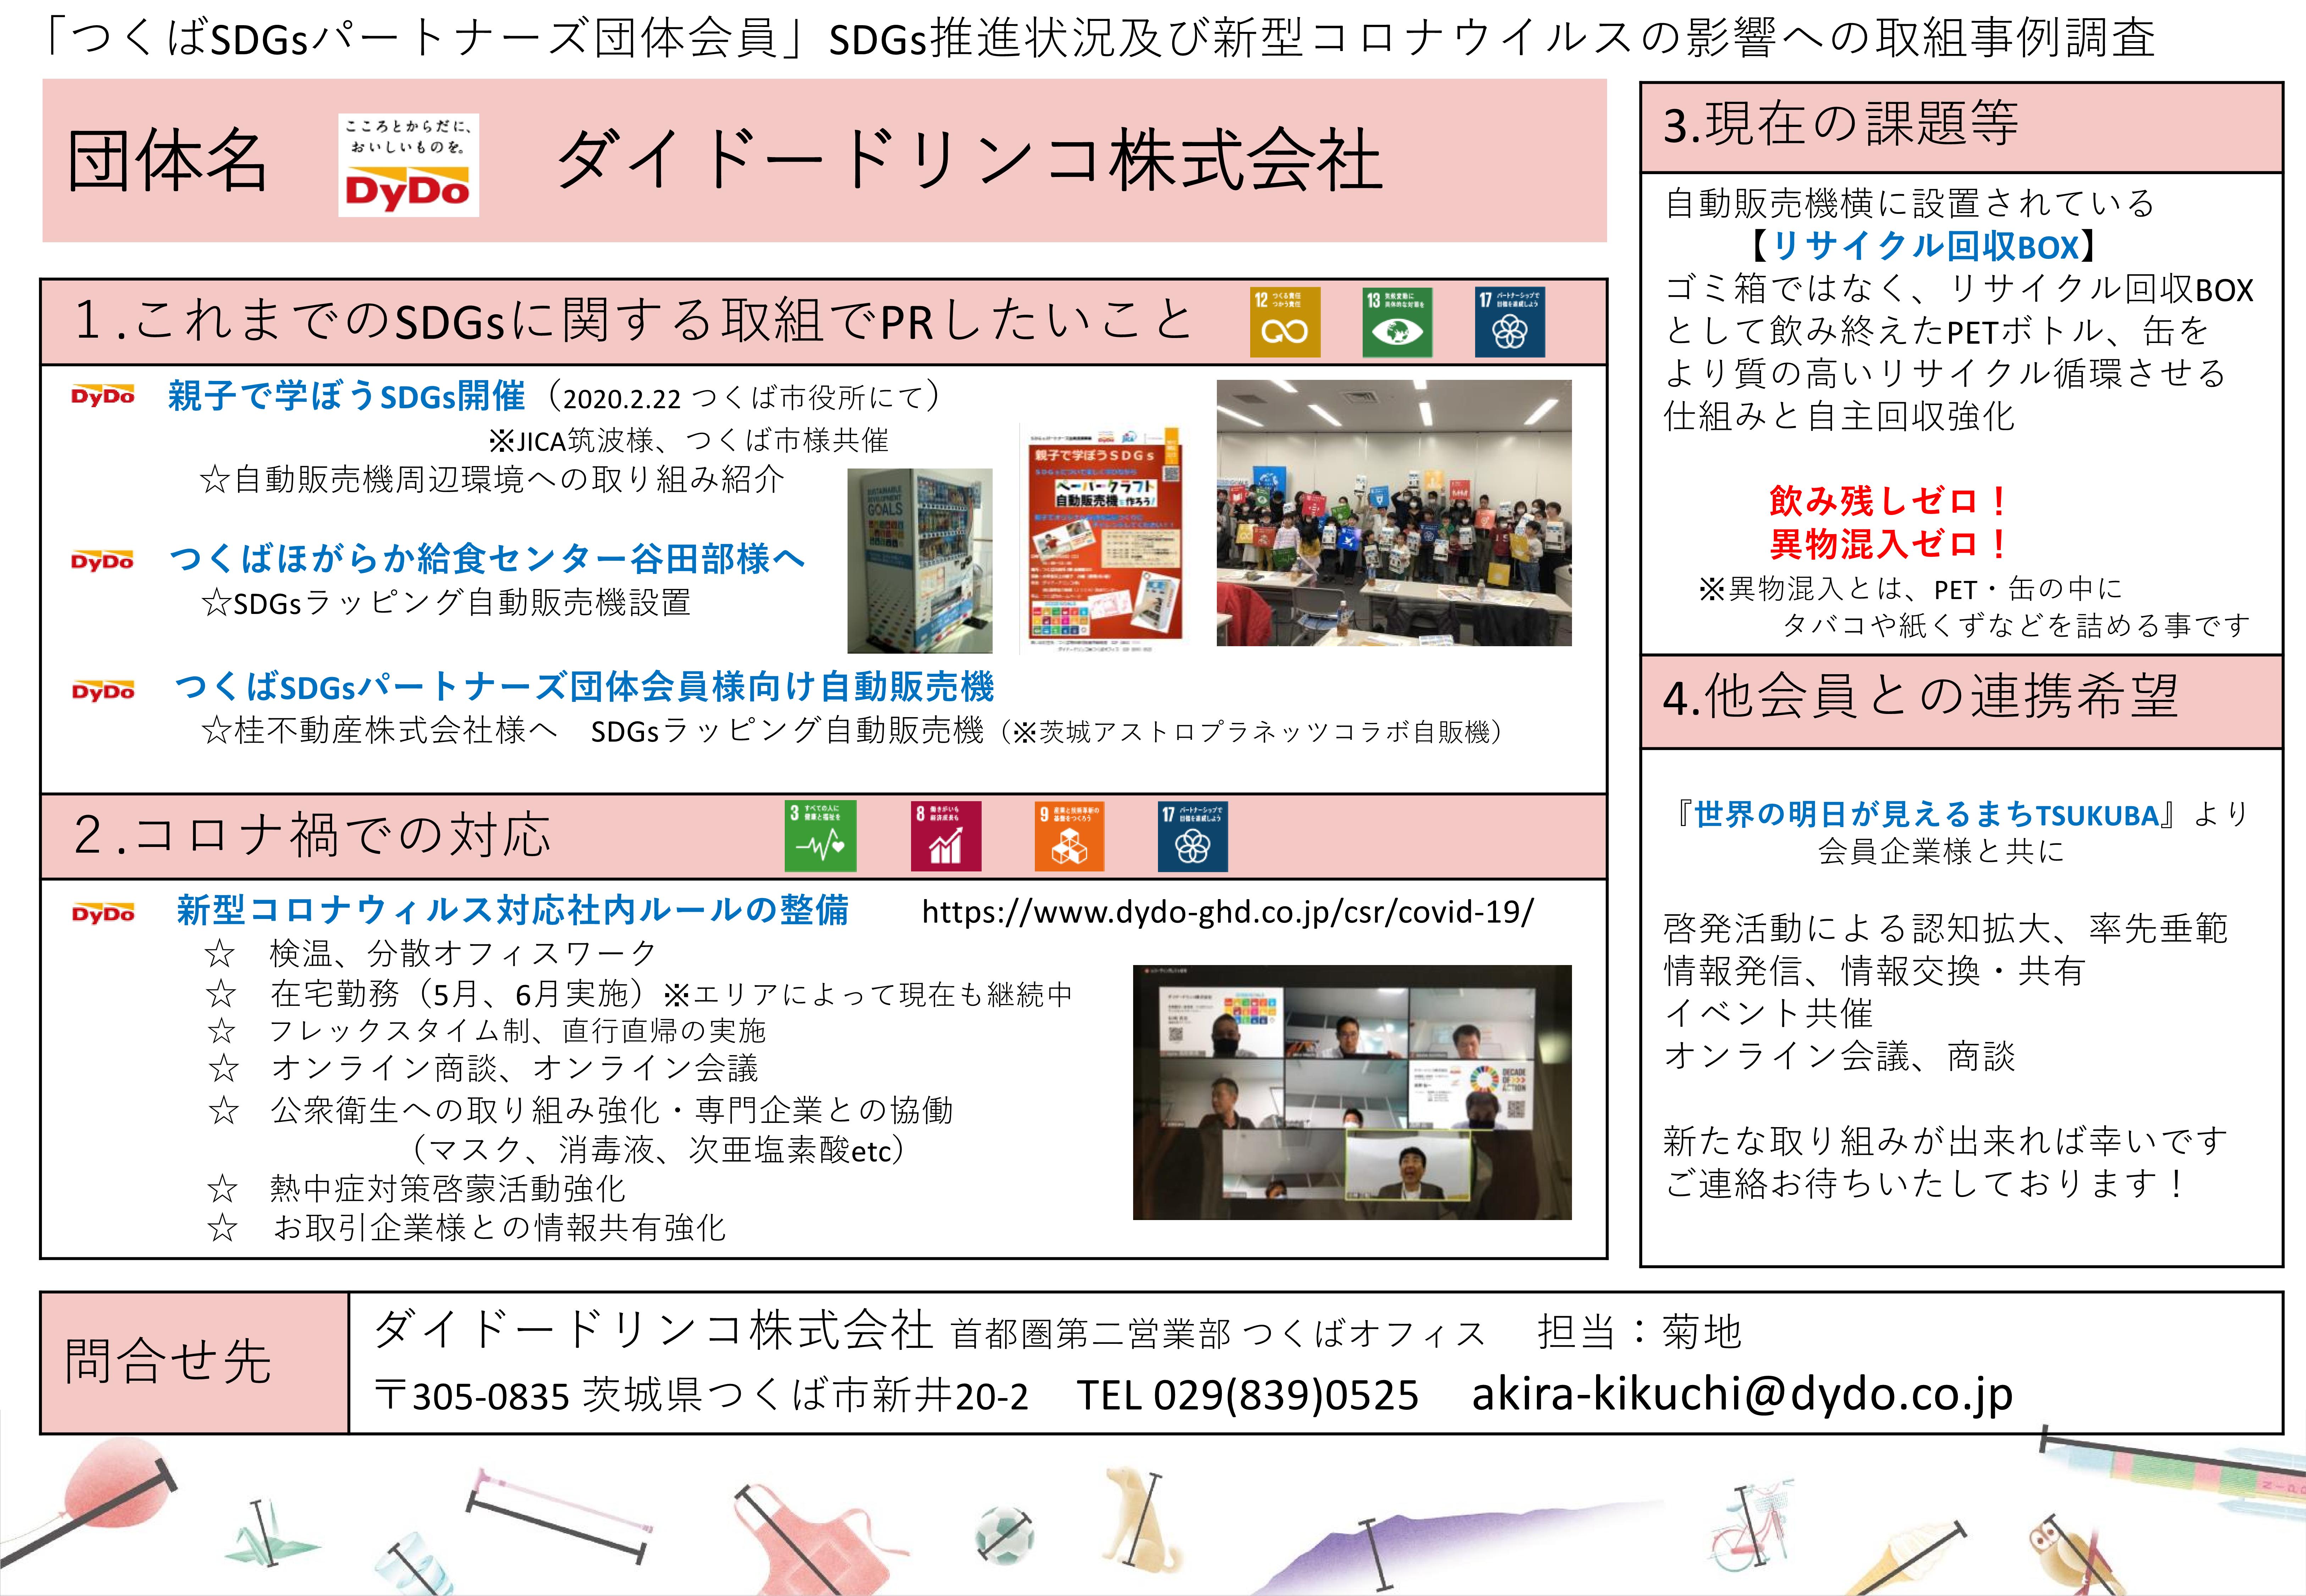 006_ダイドードリンコ株式会社